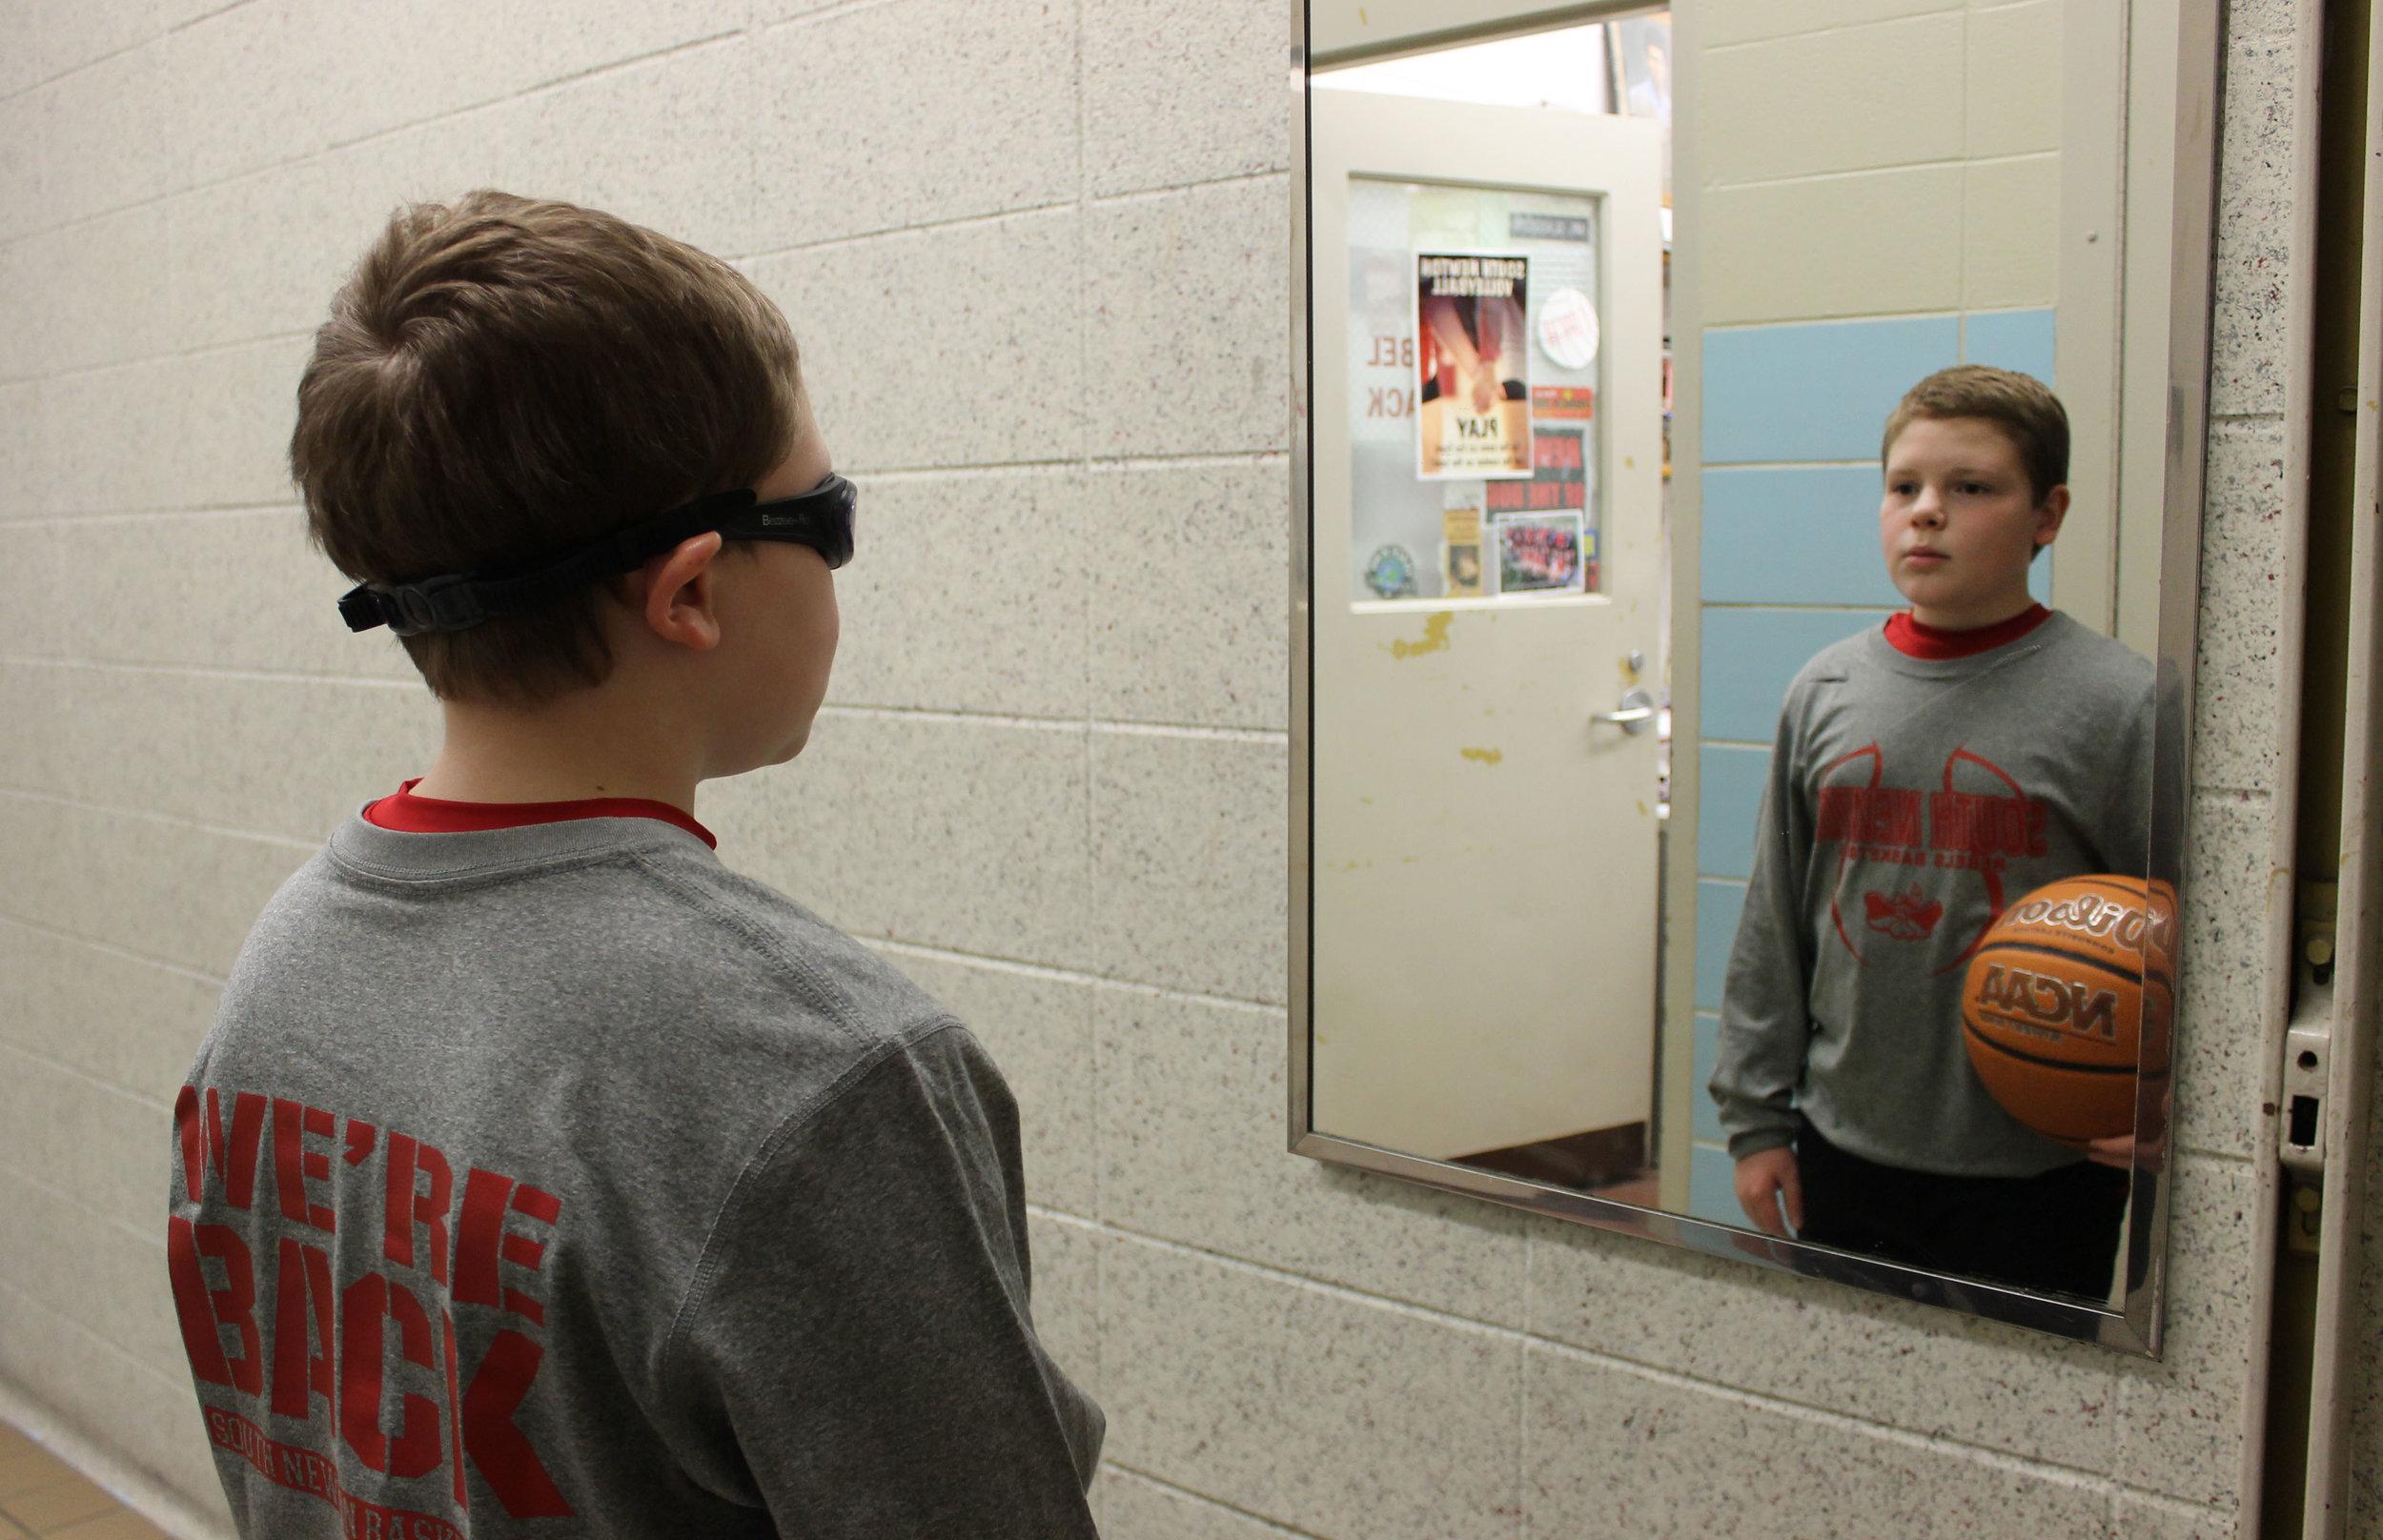 Jacob Grade 7